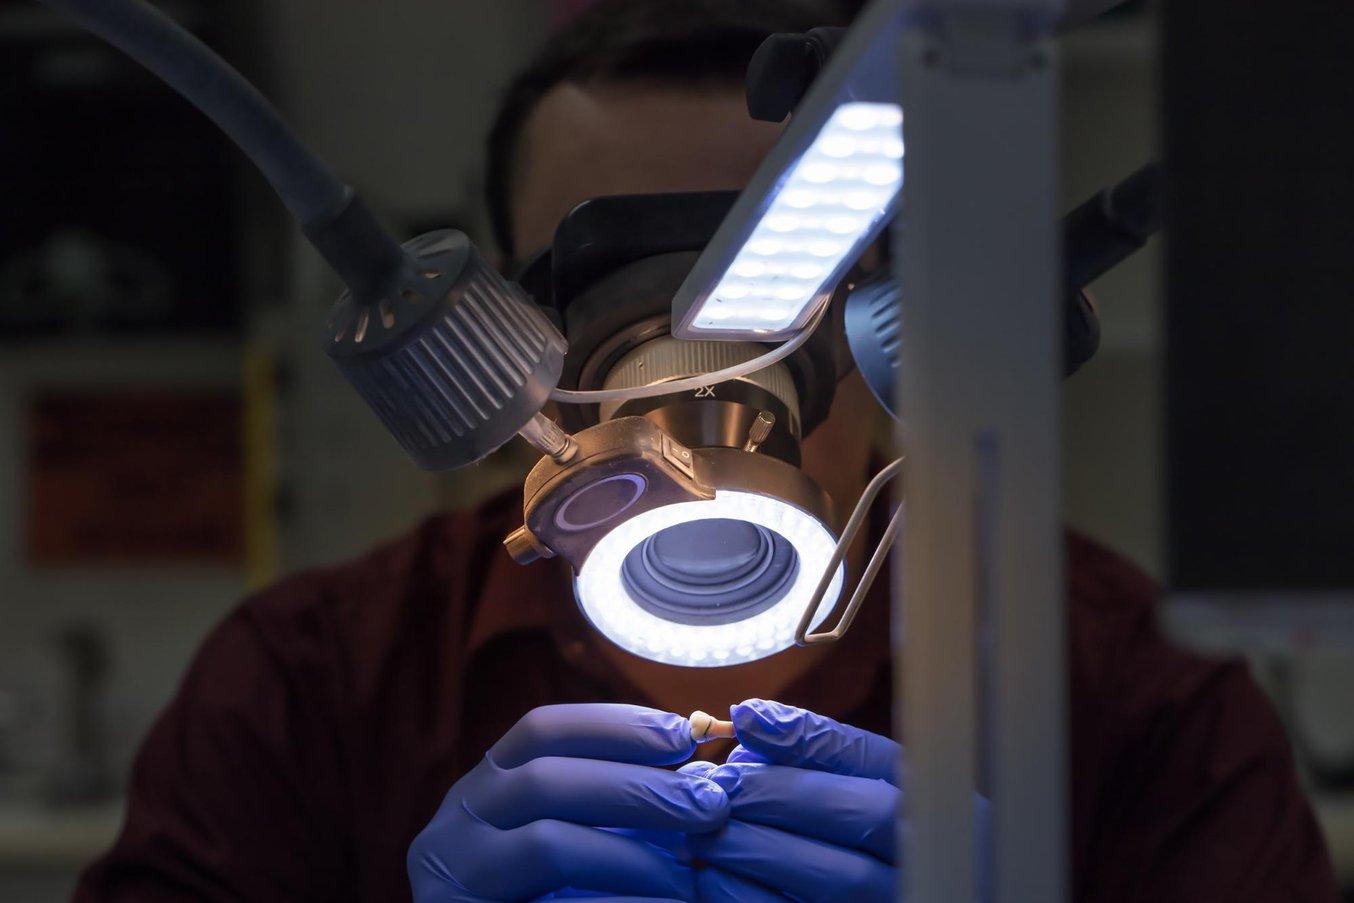 I modelli di moncone sfilabile stampati in 3D sono simili ai modelli tradizionali utilizzati per il controllo dell'aderenza delle protesi finali.